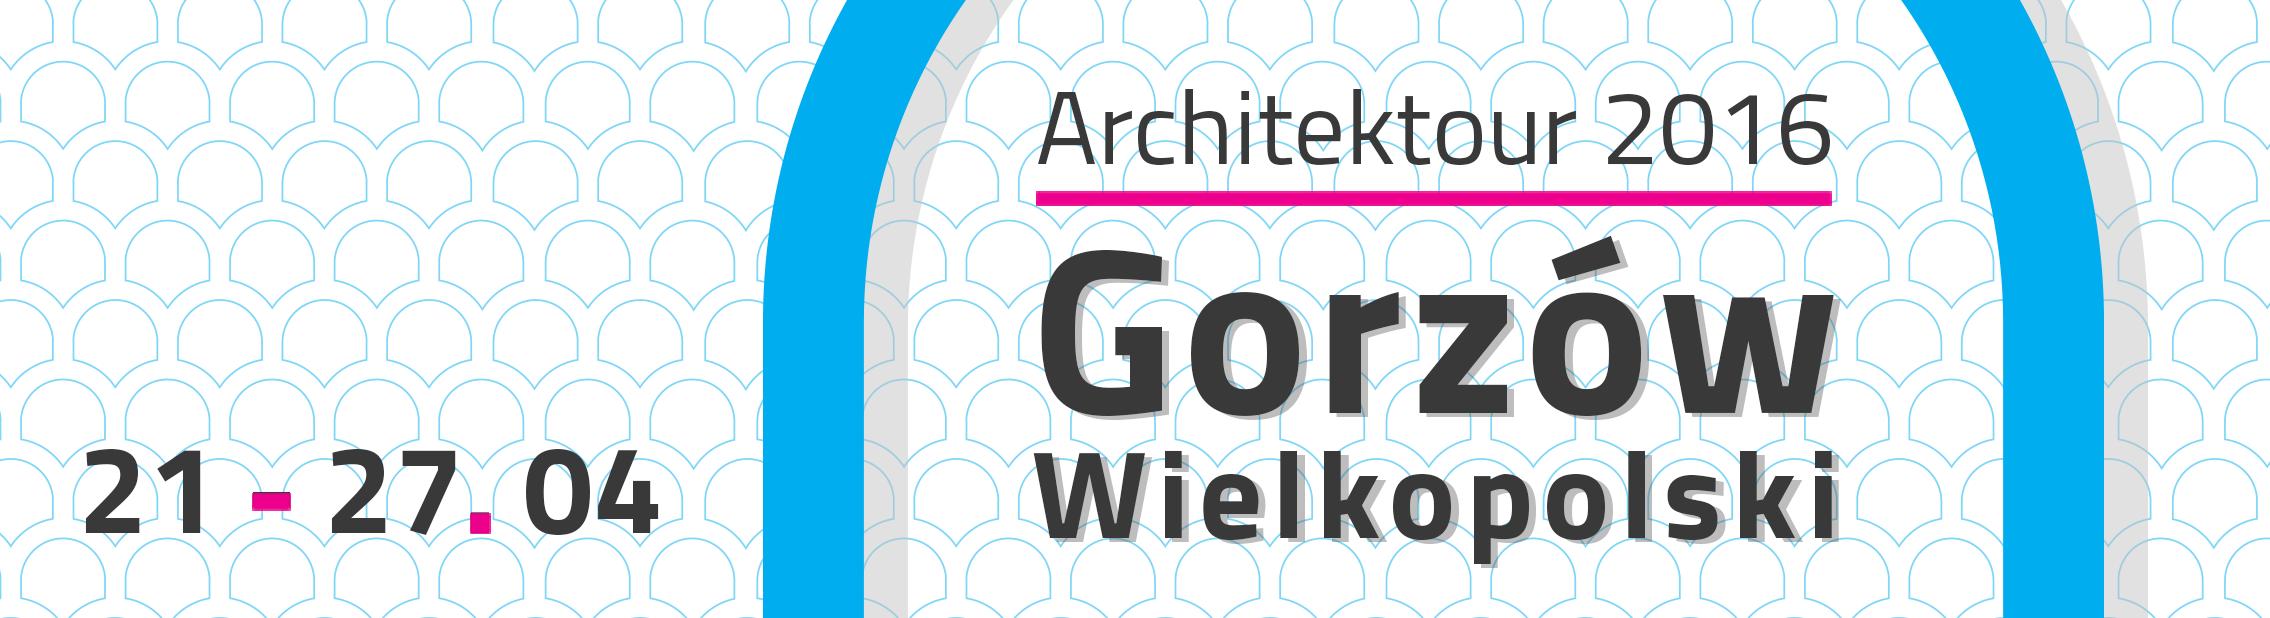 architektour 2016